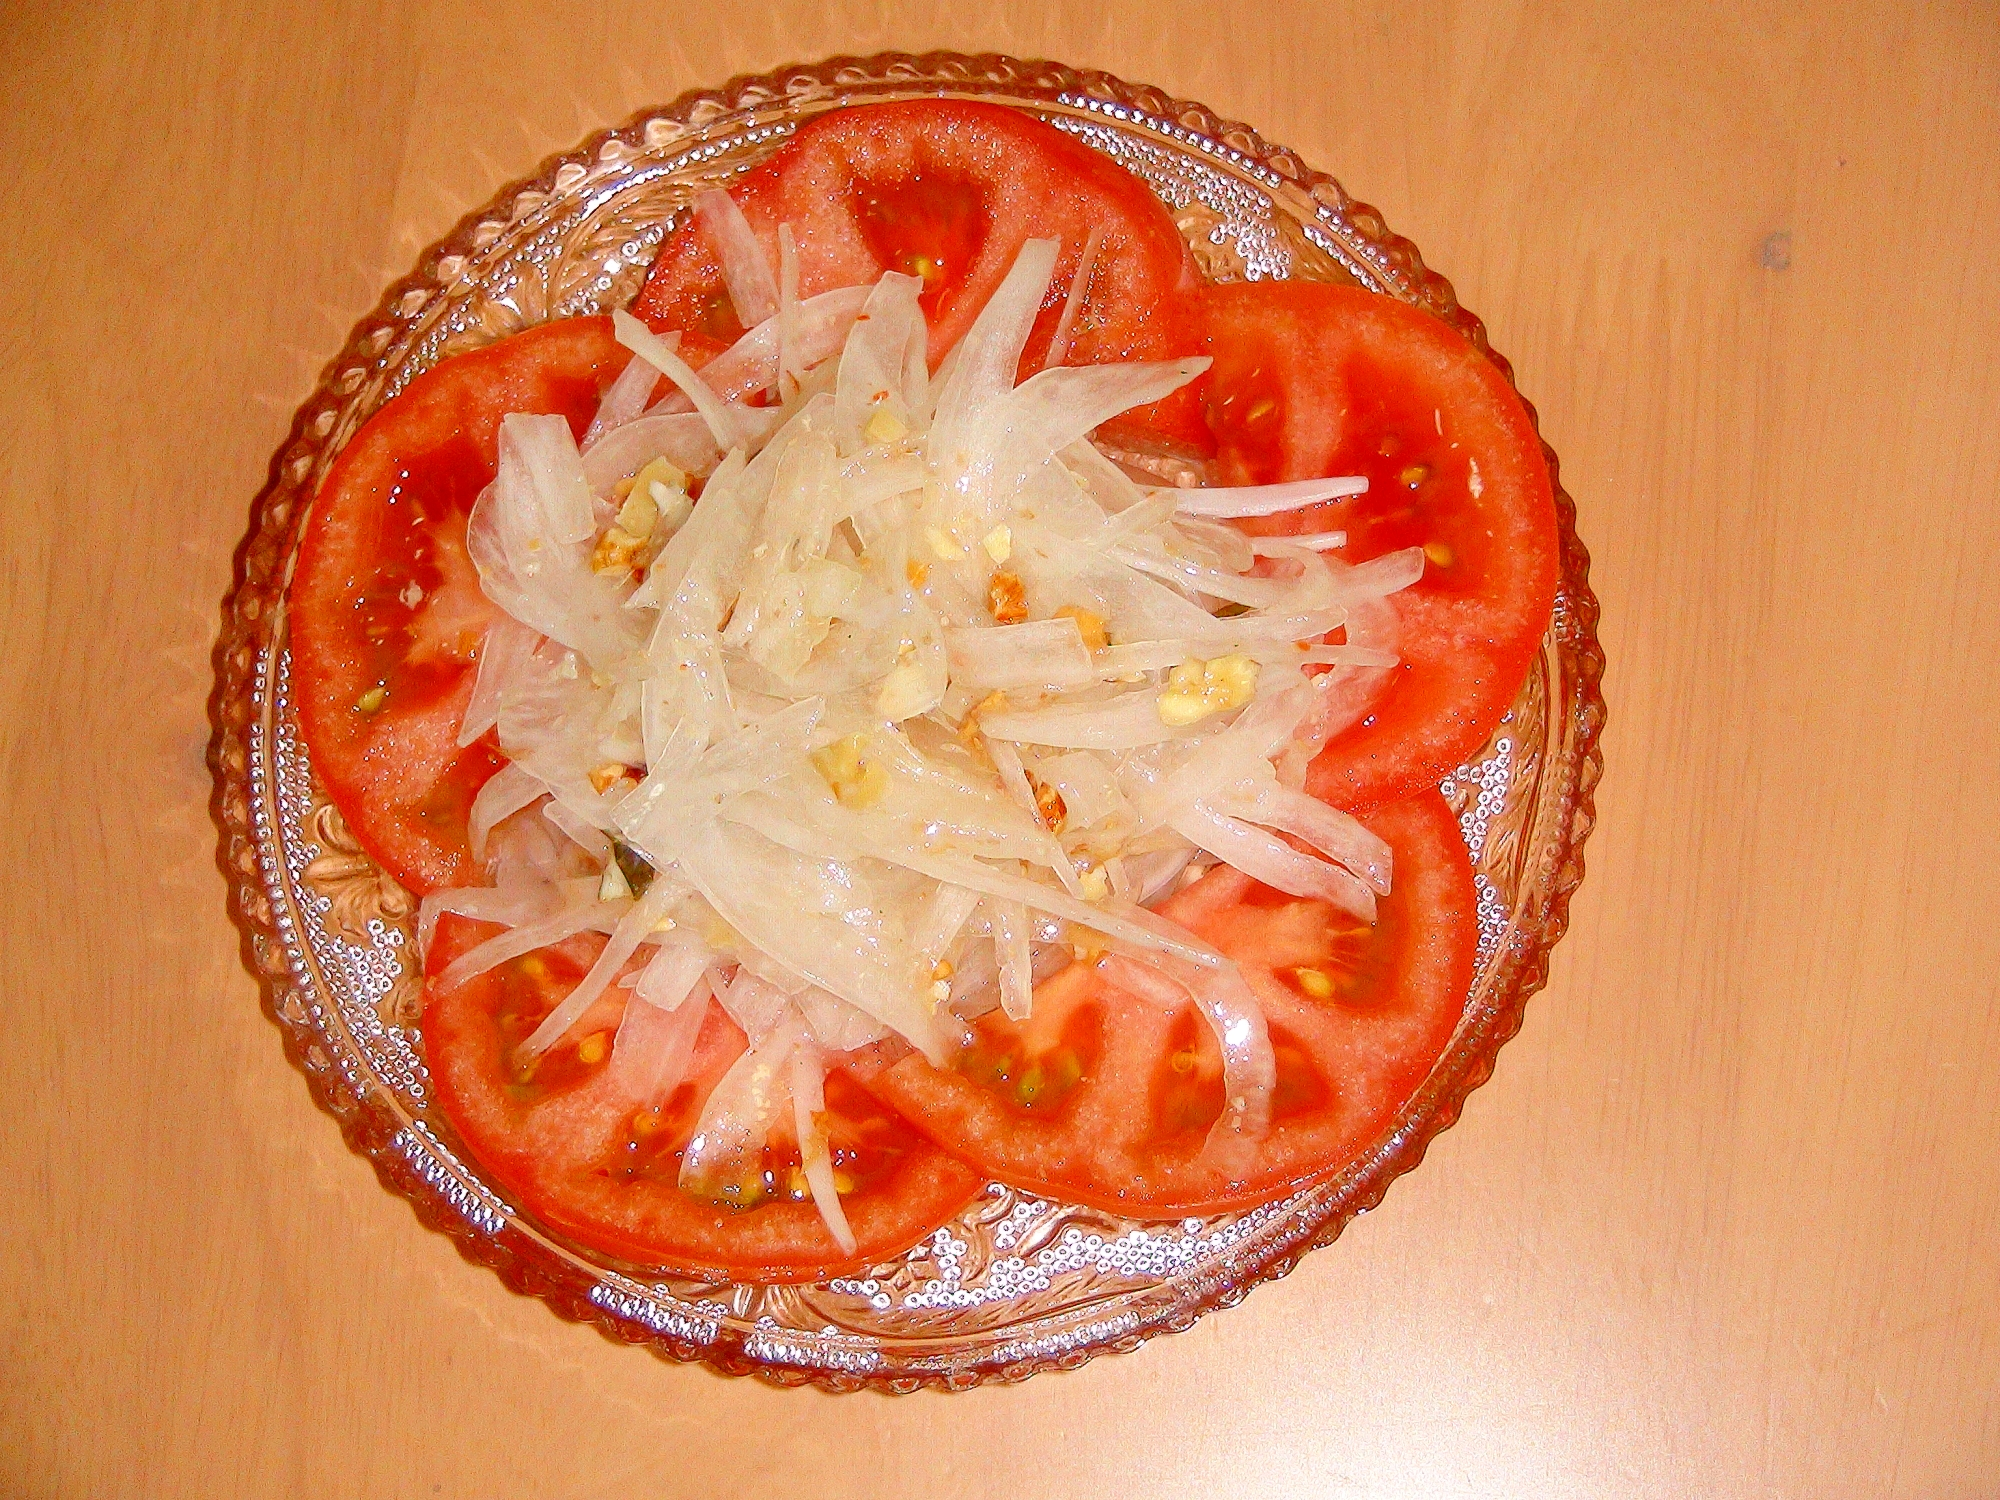 美肌効果アップトマト&新玉葱&ナッツのサラダ♪